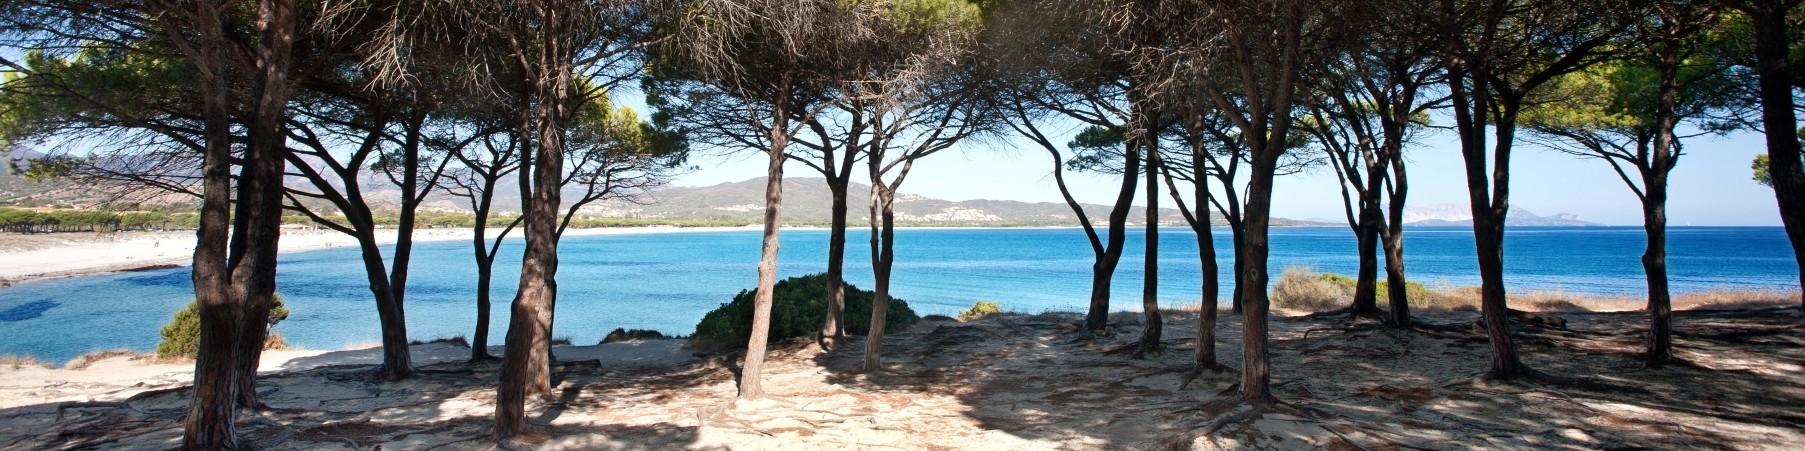 Tanaunella - pláž Budoni